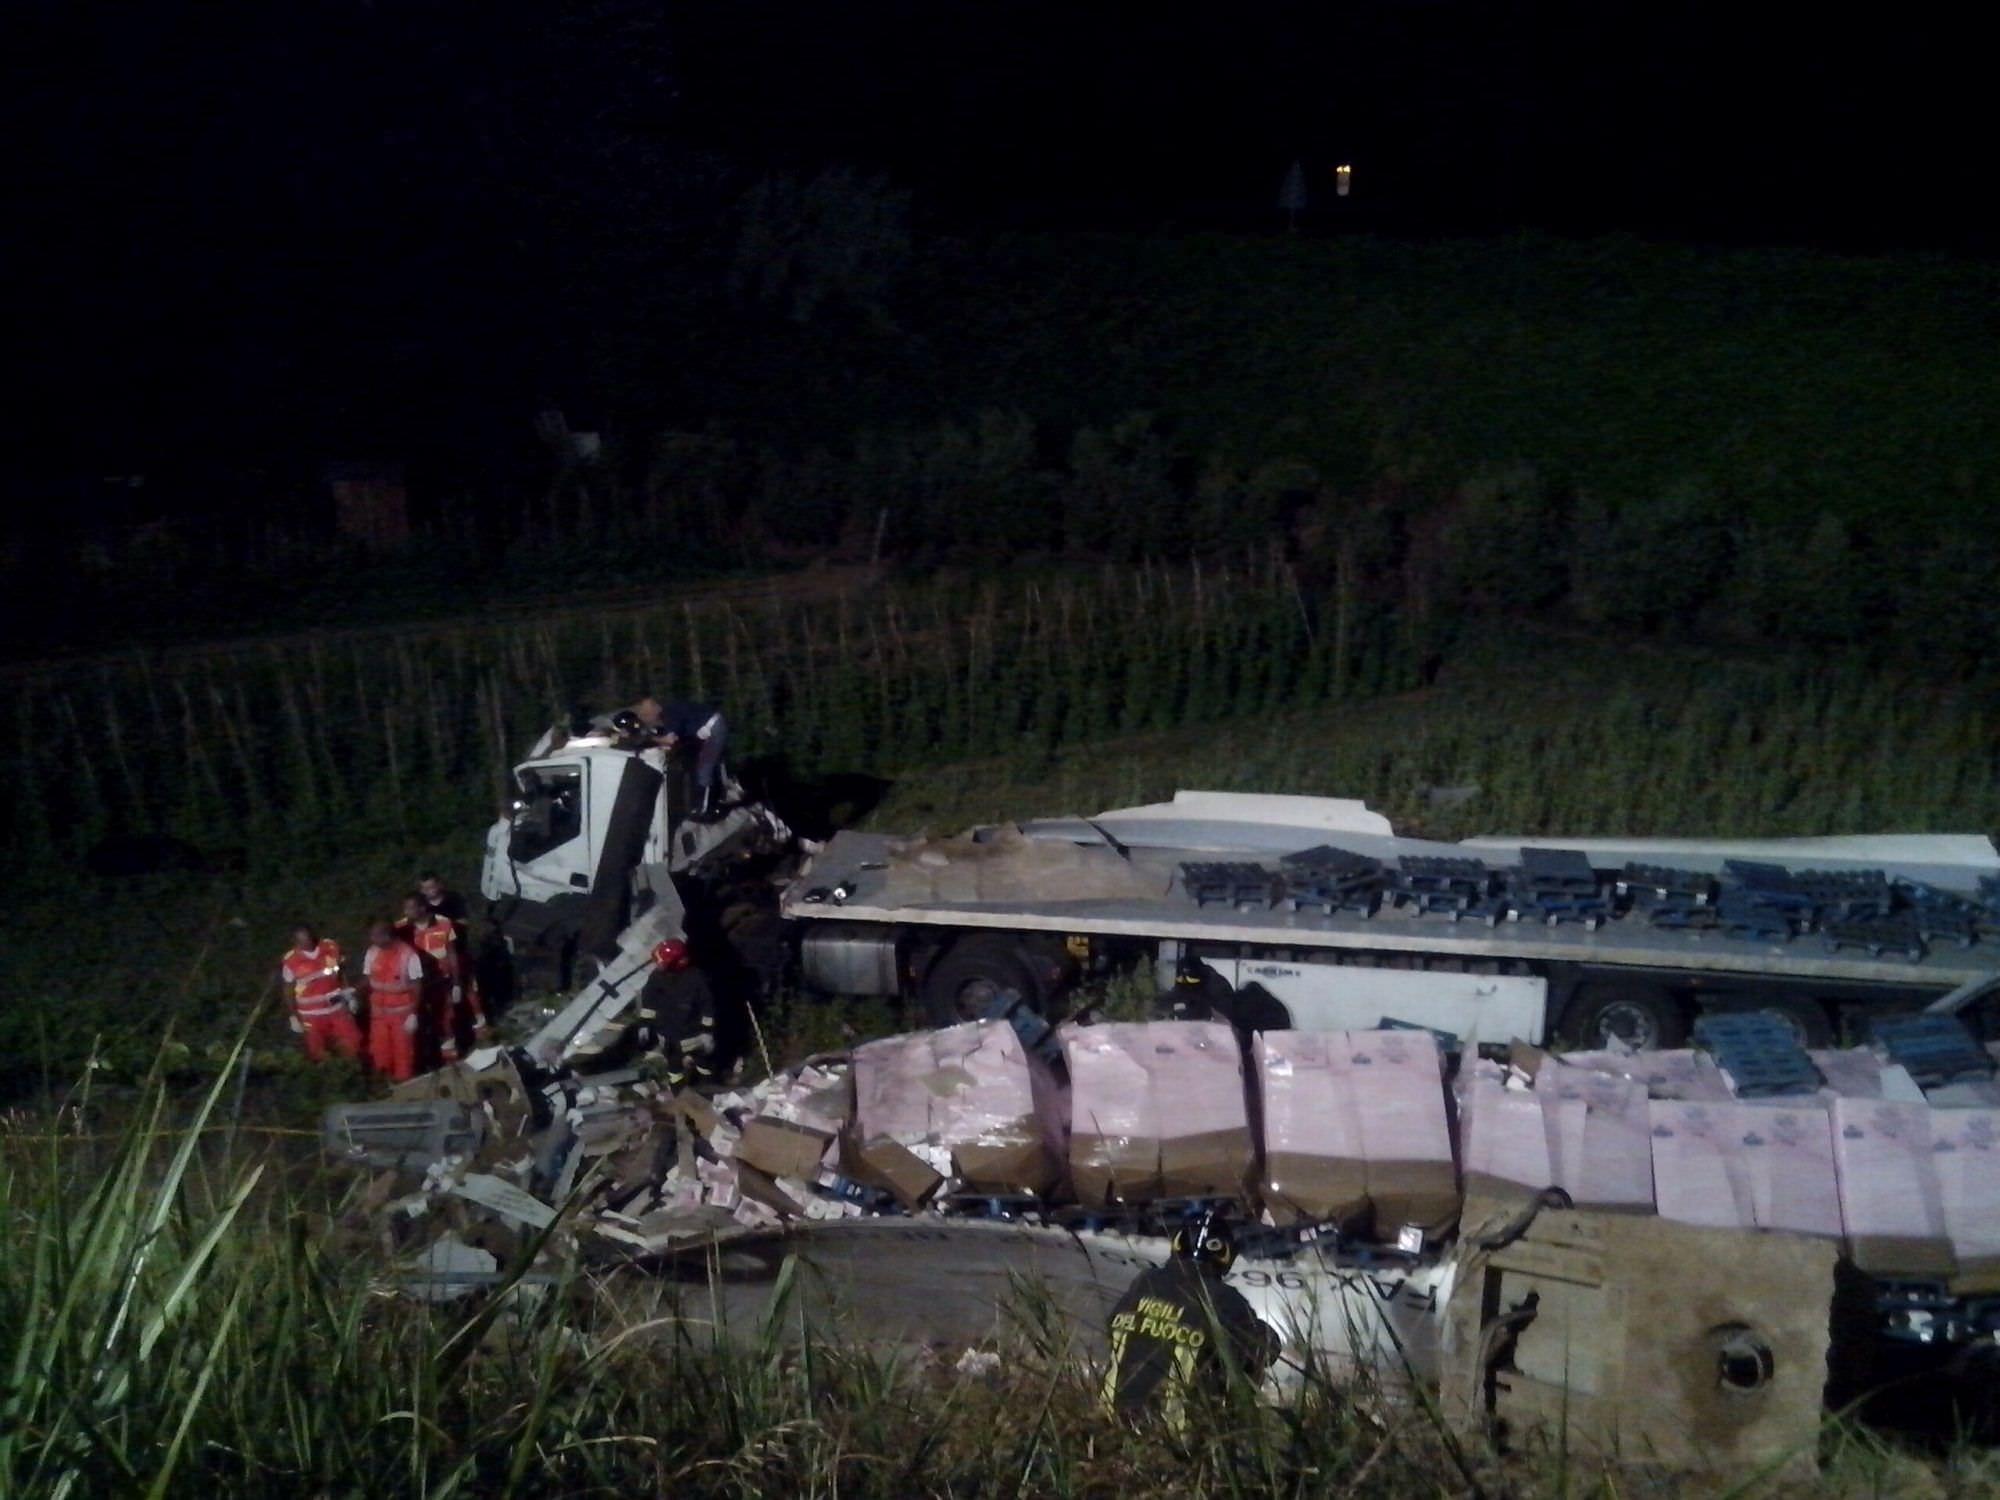 Precipita da 10 metri col camion: incidente mortale sull'autostrada